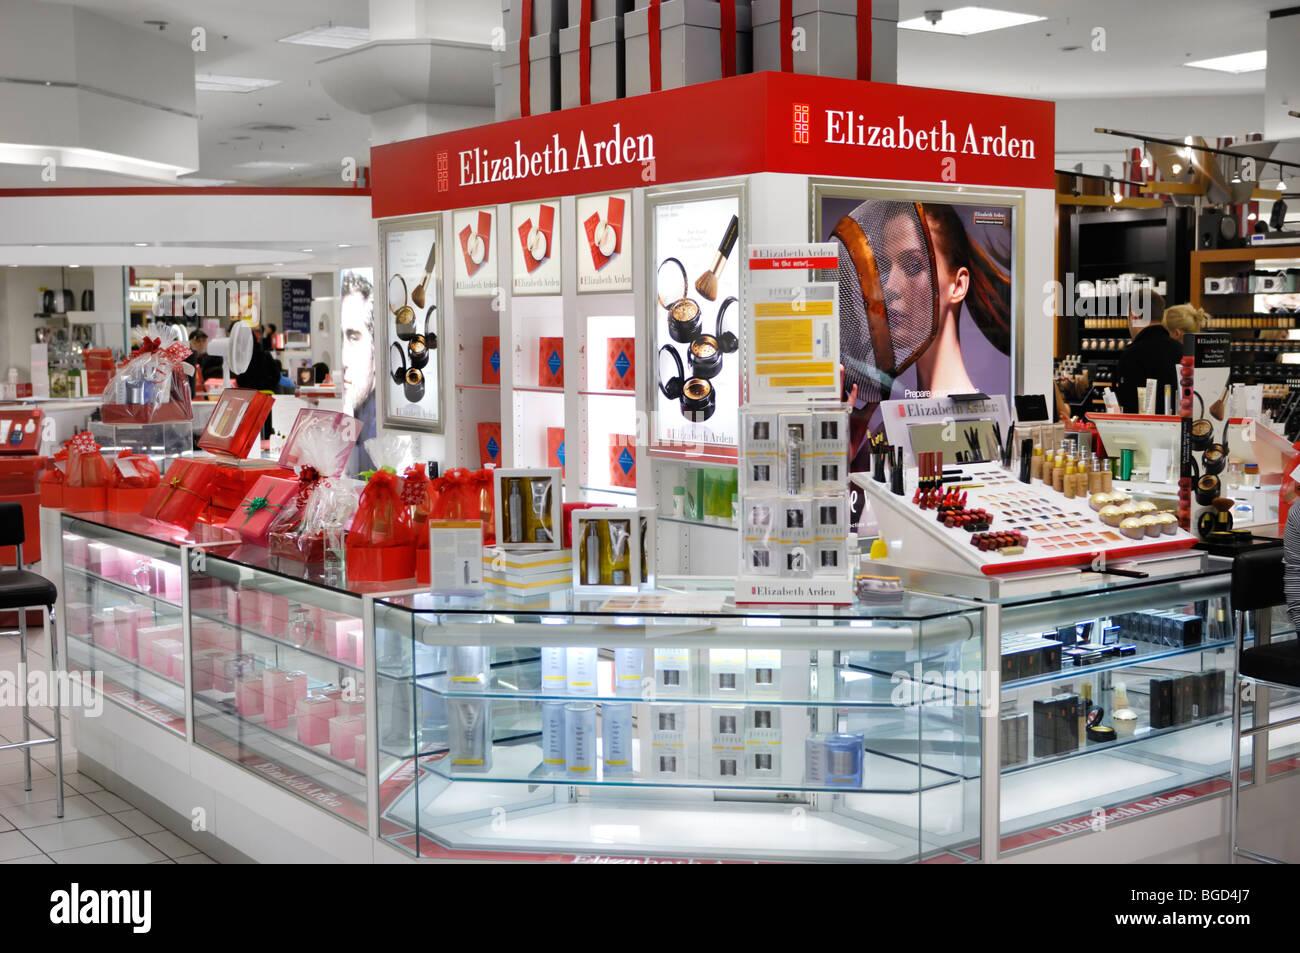 Elizabeth Arden Kosmetik und Make-up Anzeigen in einem Einkaufszentrum in Toronto, Kanada Stockbild